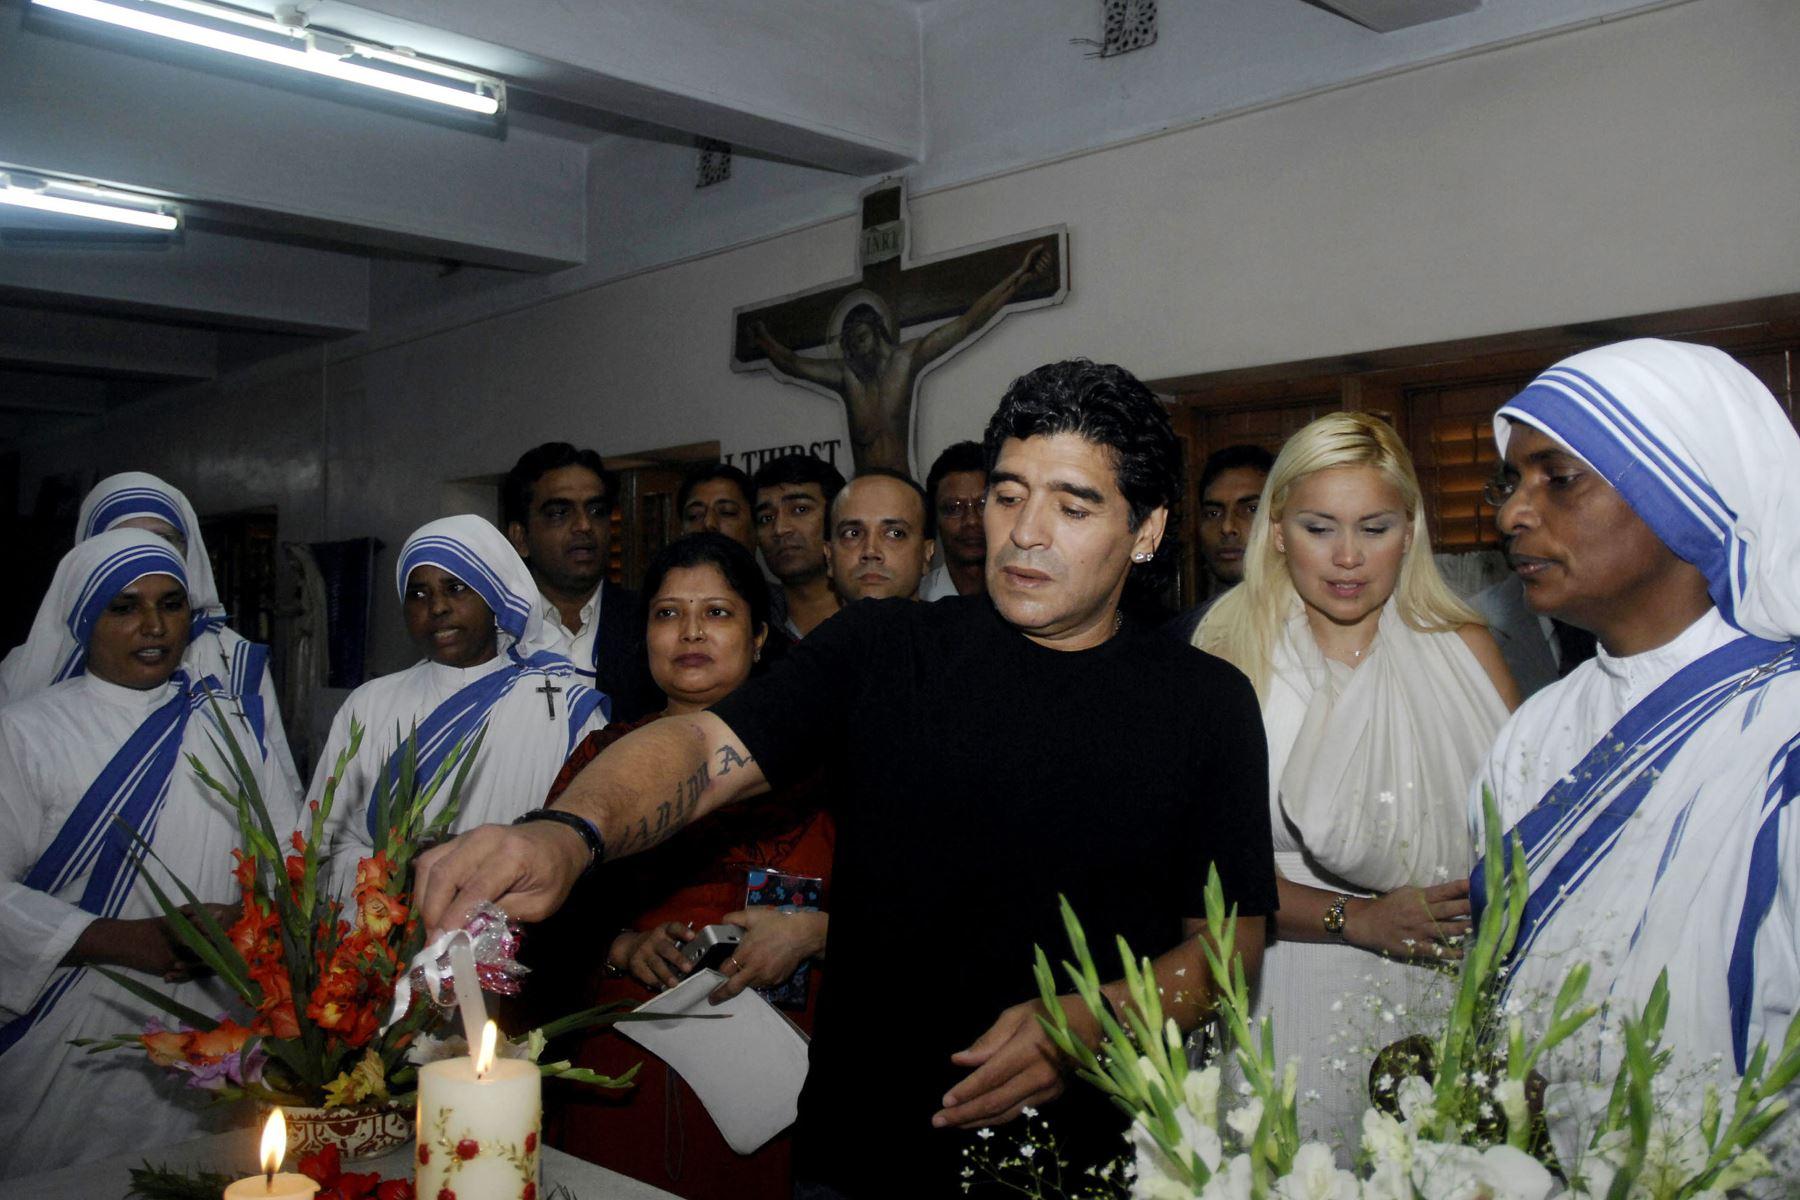 El entrenador de la selección nacional de fútbol de Argentina y ex estrella del fútbol Diego Armando Maradona enciende una vela mientras su novia Verónica observa junto con las monjas de la orden de las Misioneras de la Caridad de la Madre Teresa en Calcuta, el 7 de diciembre de 2008, en la India. Foto: AFP